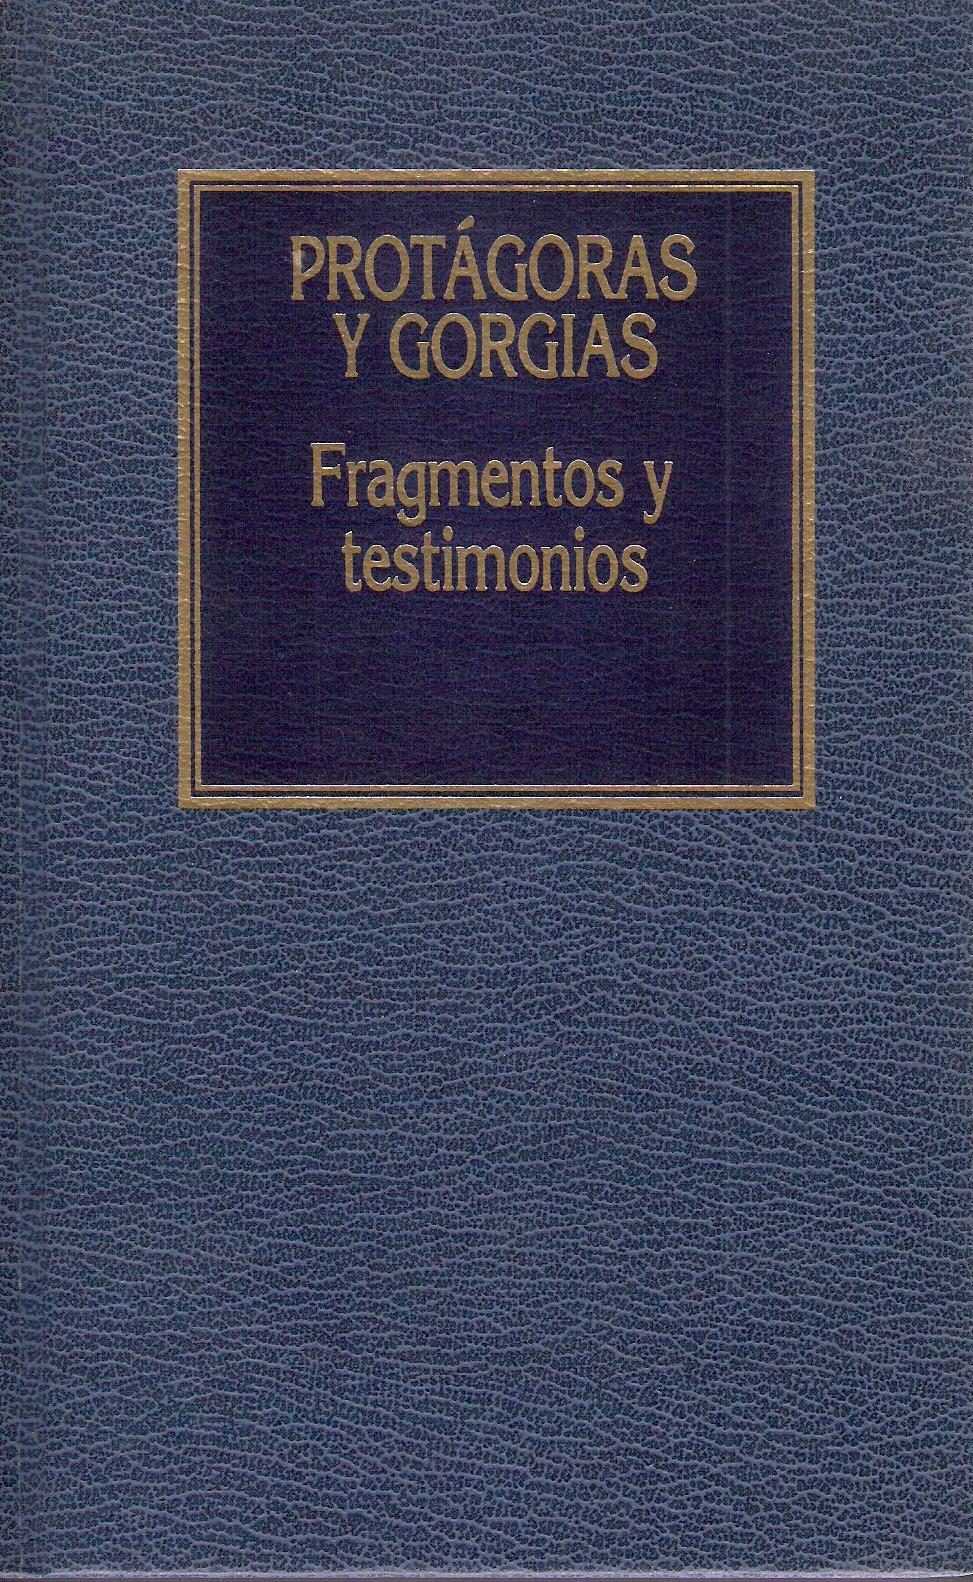 Fragmentos y testimonios